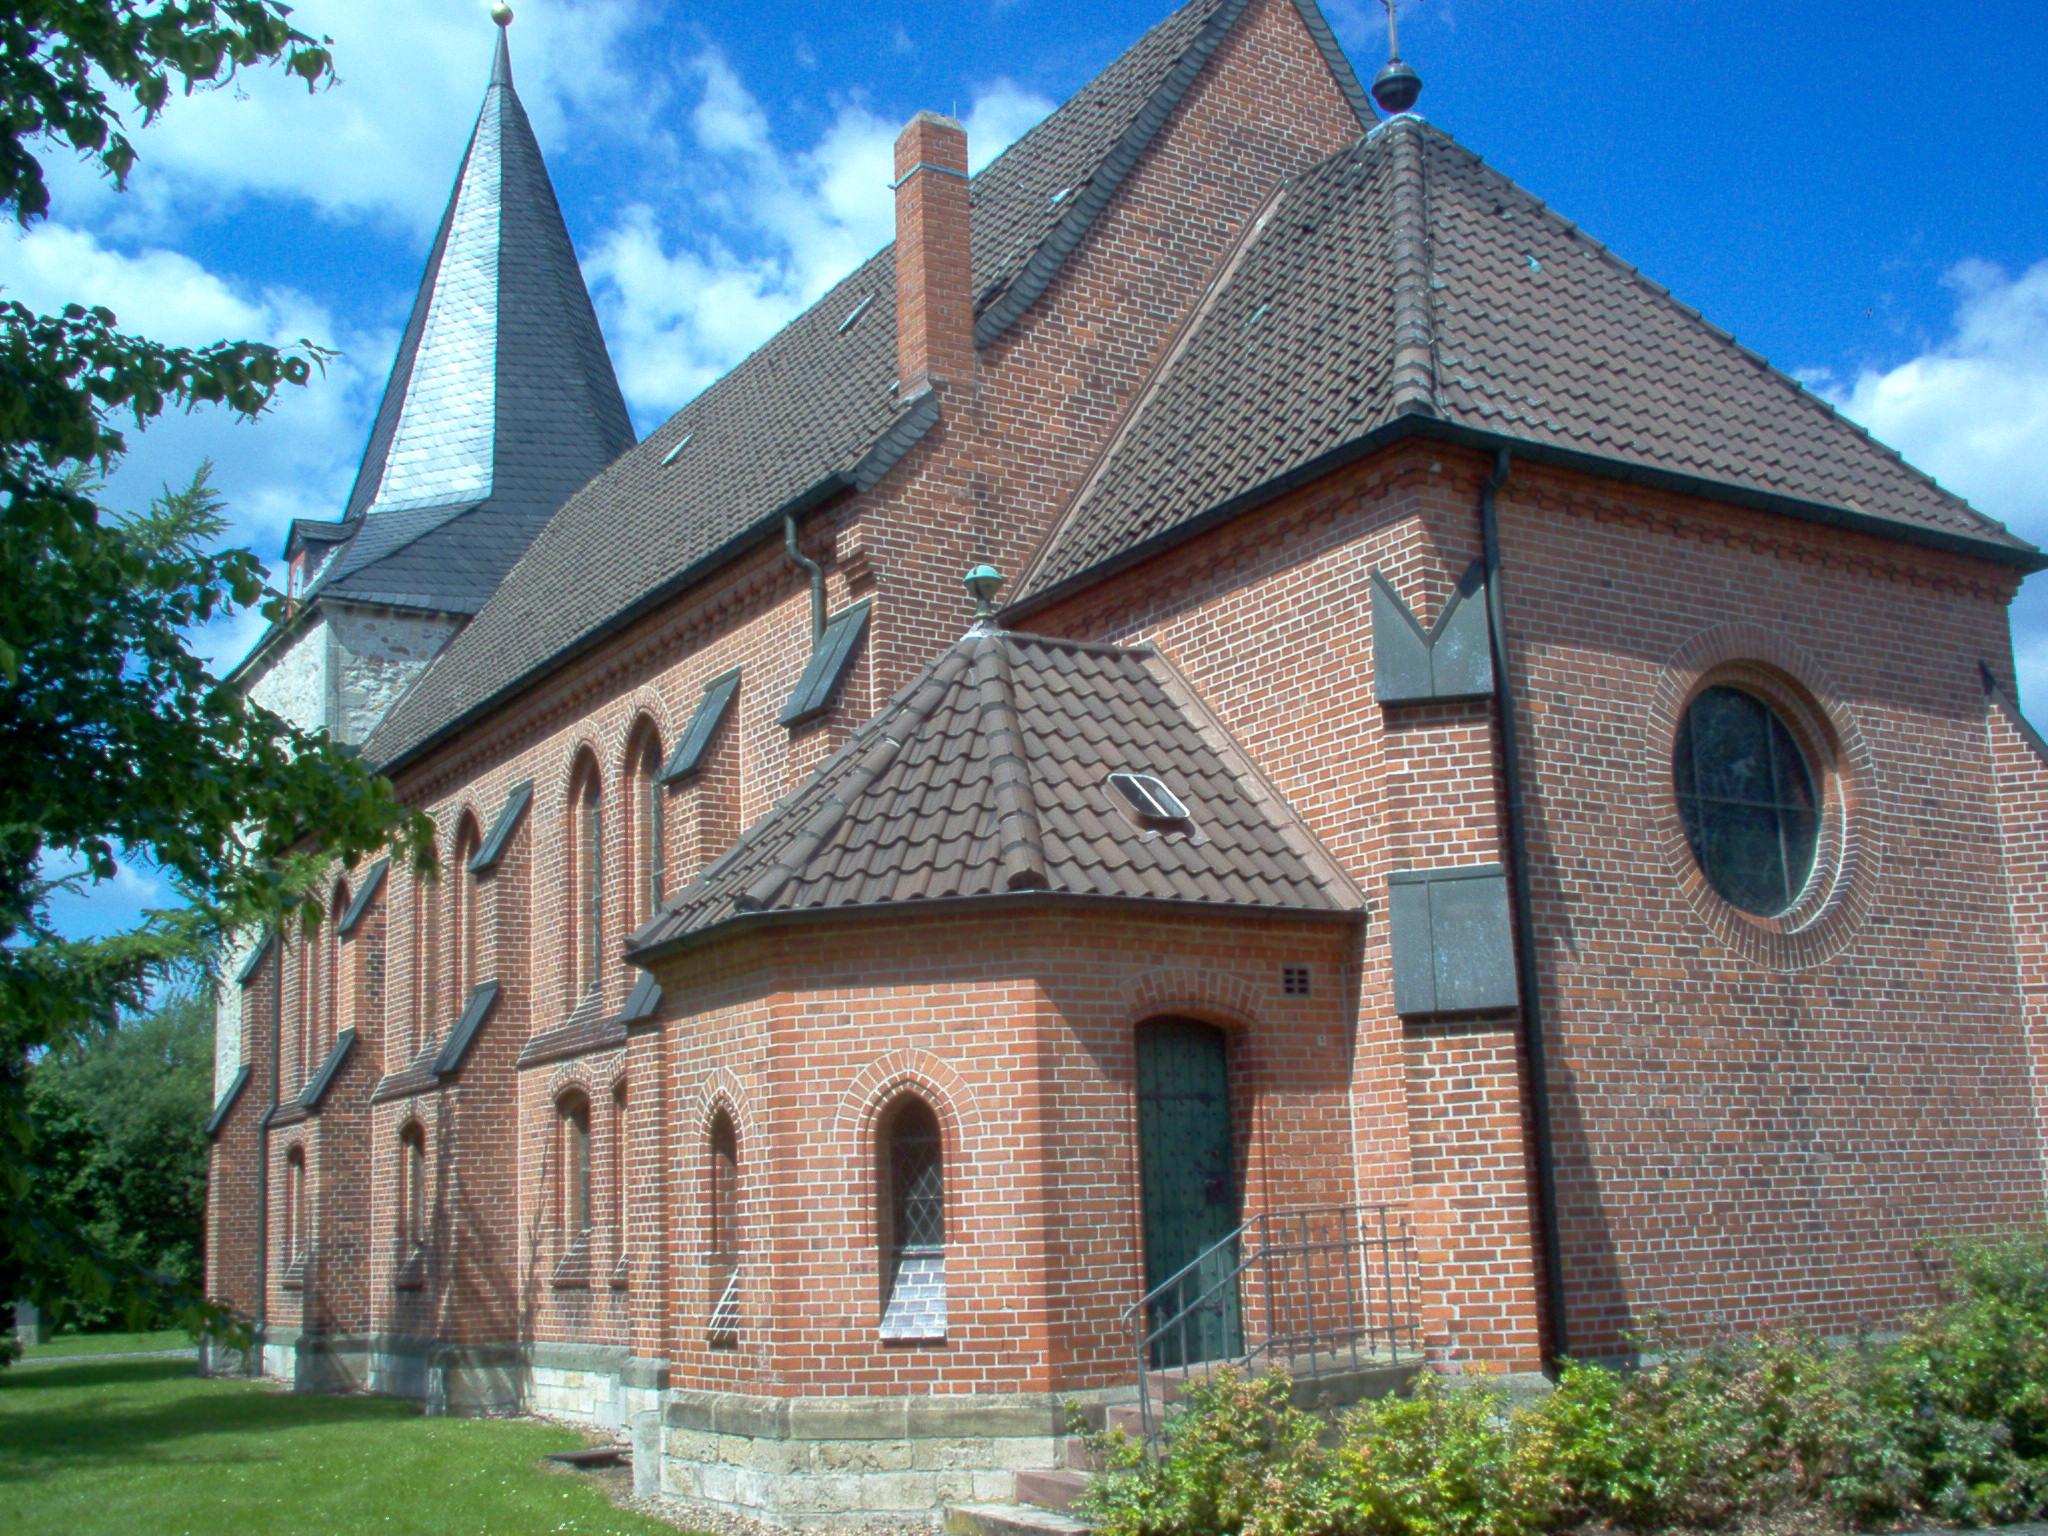 Bild von Gifhorn (Landkreis): Rethen Kirche (Südost)